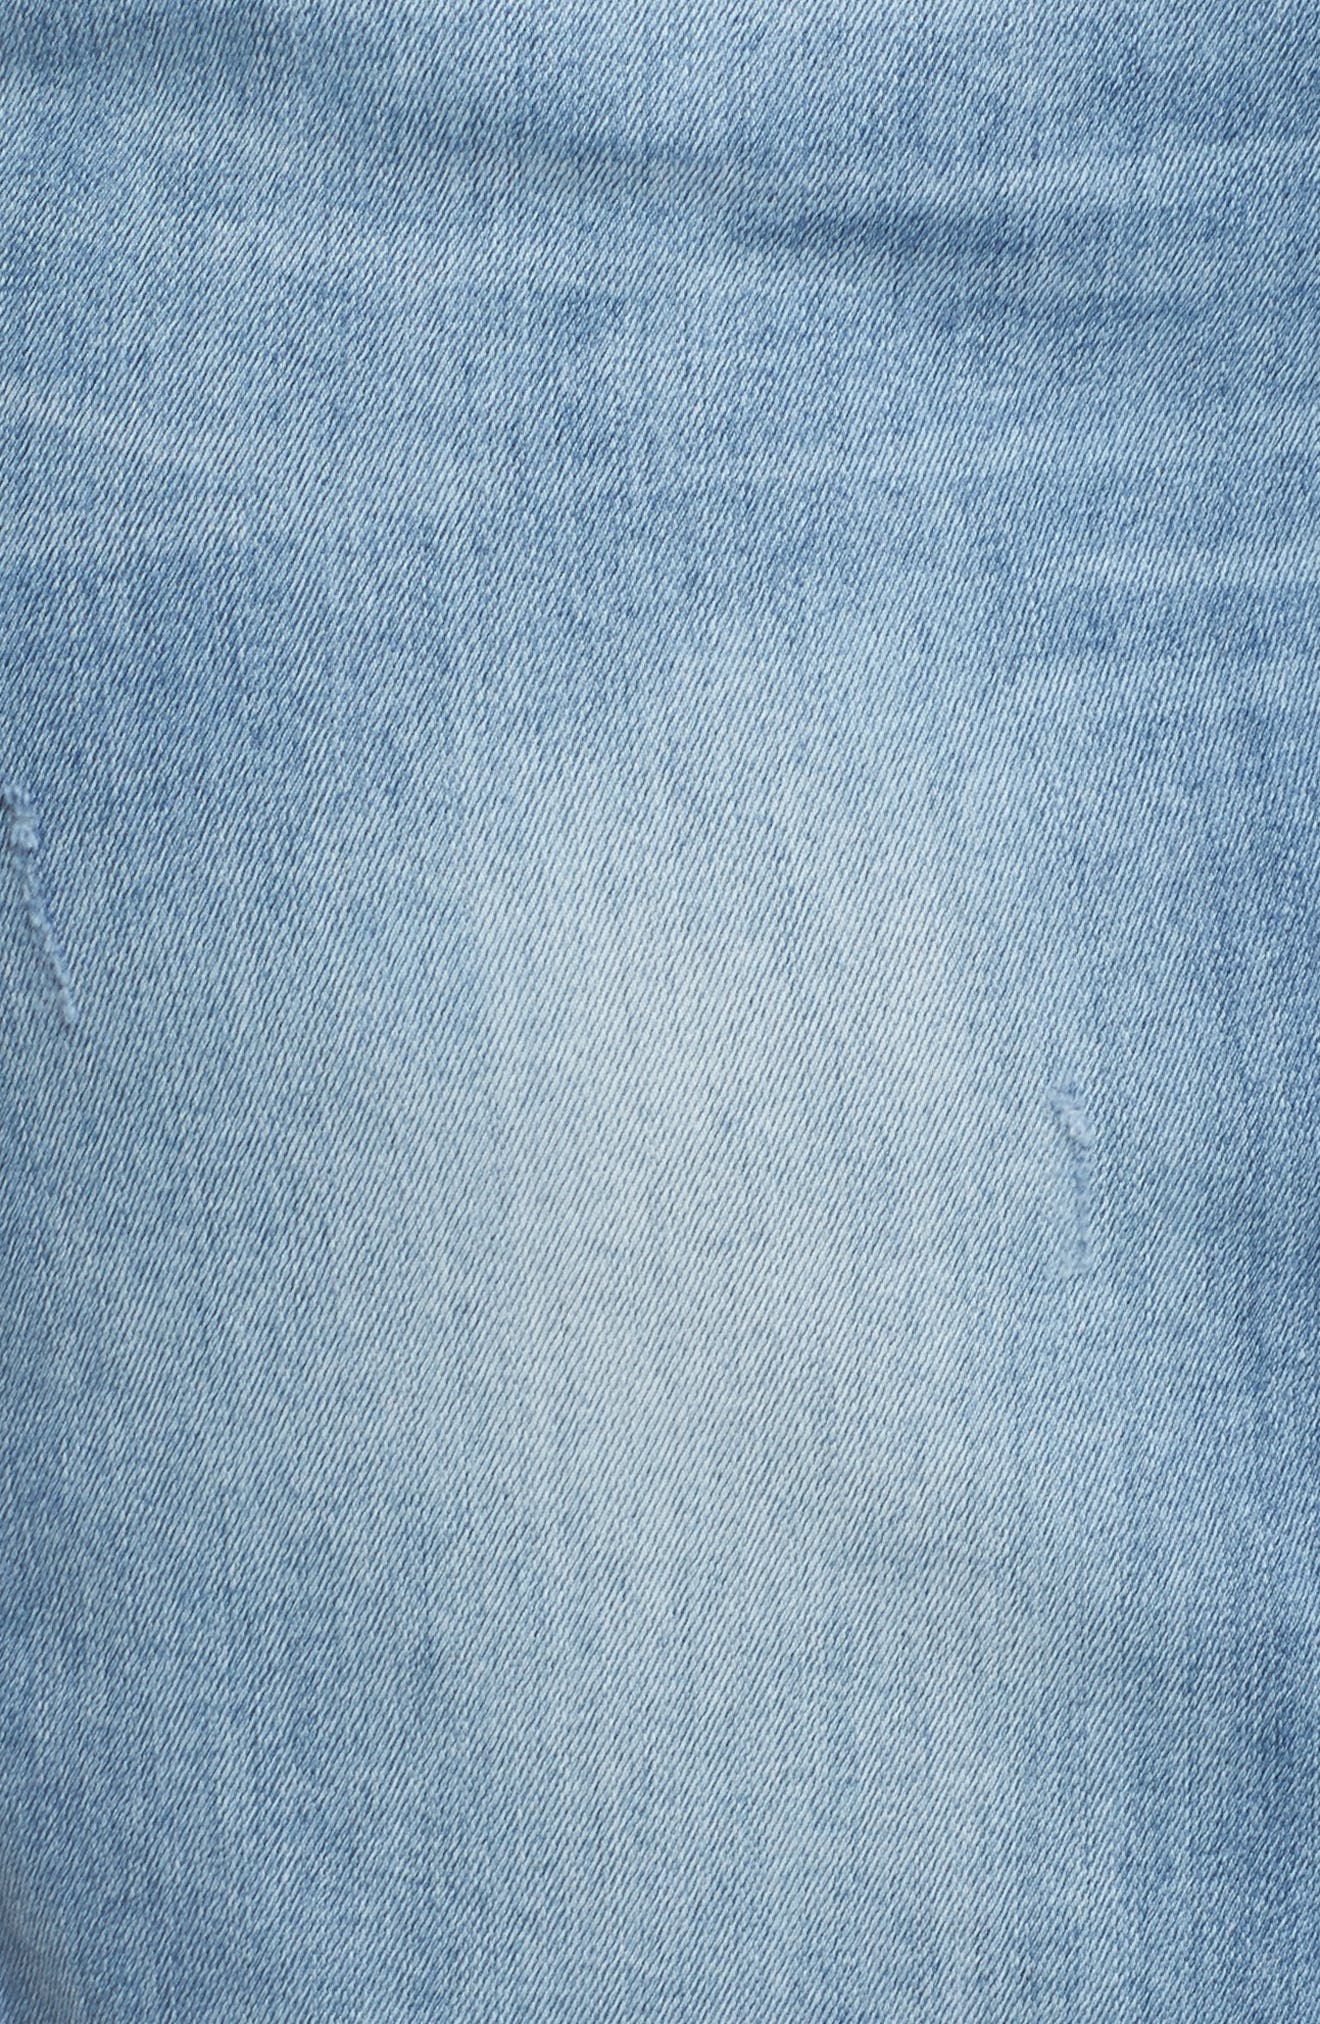 Denim A-Line Skirt,                             Alternate thumbnail 6, color,                             LIGHT BLUE